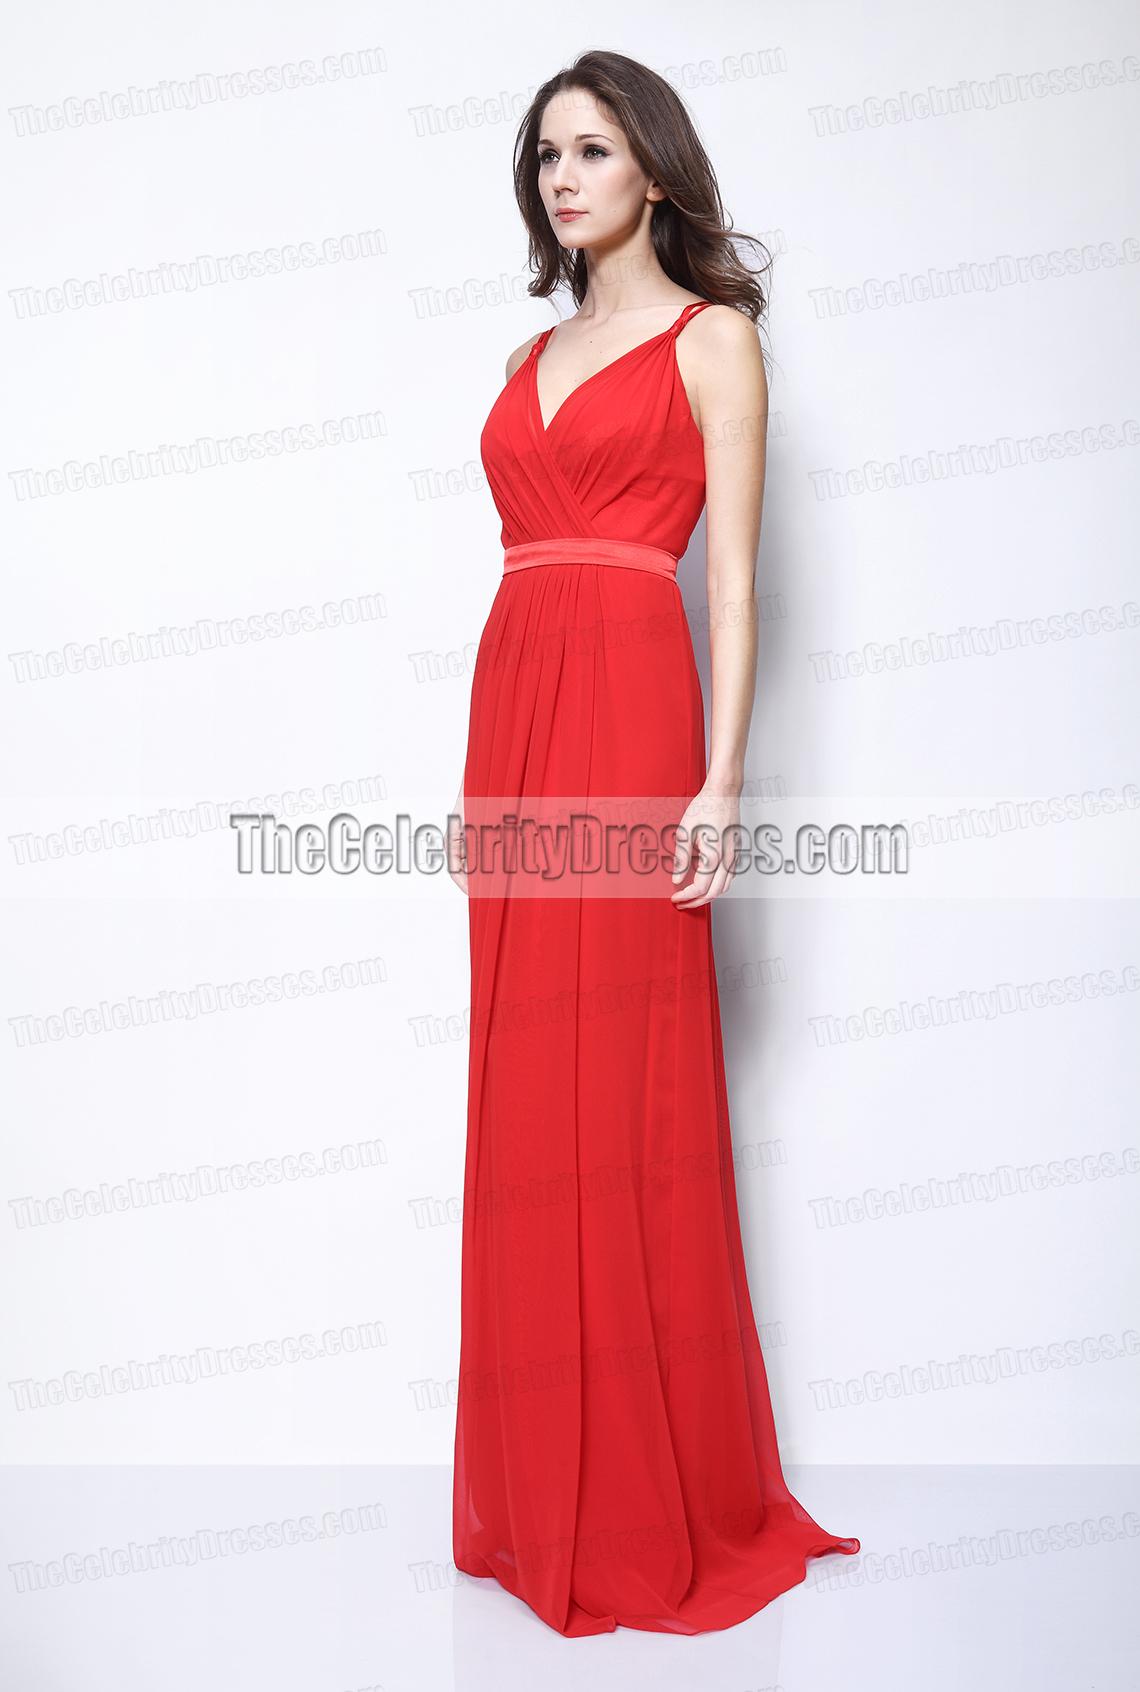 Selena gomez dresses to buy